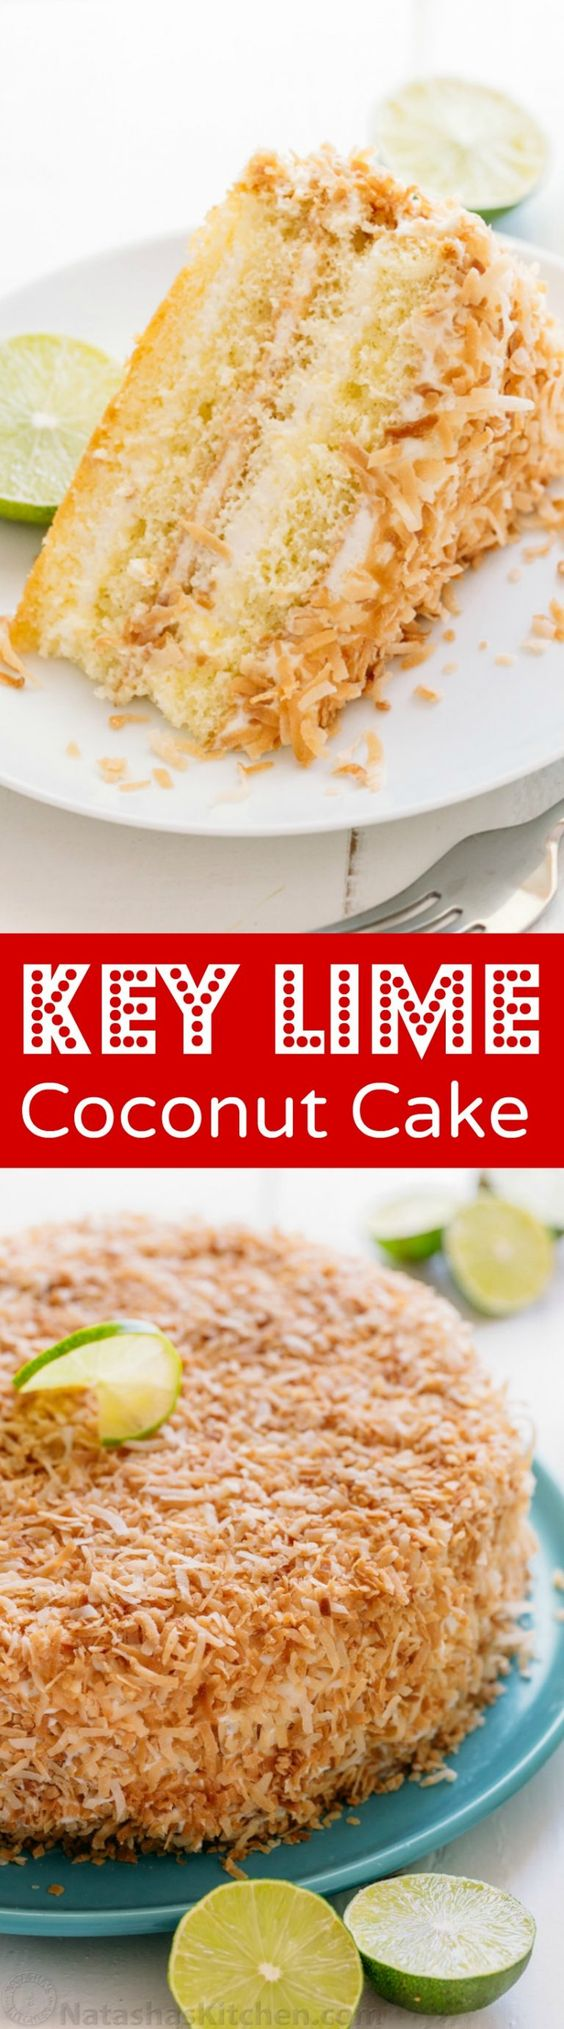 Key Lime торт является конечной летом партия торт.  Этот ключ извести пирог массированным с поджаренного кокоса и имеет сок 5 лаймов.  Так освежает!     natashaskitchen.com